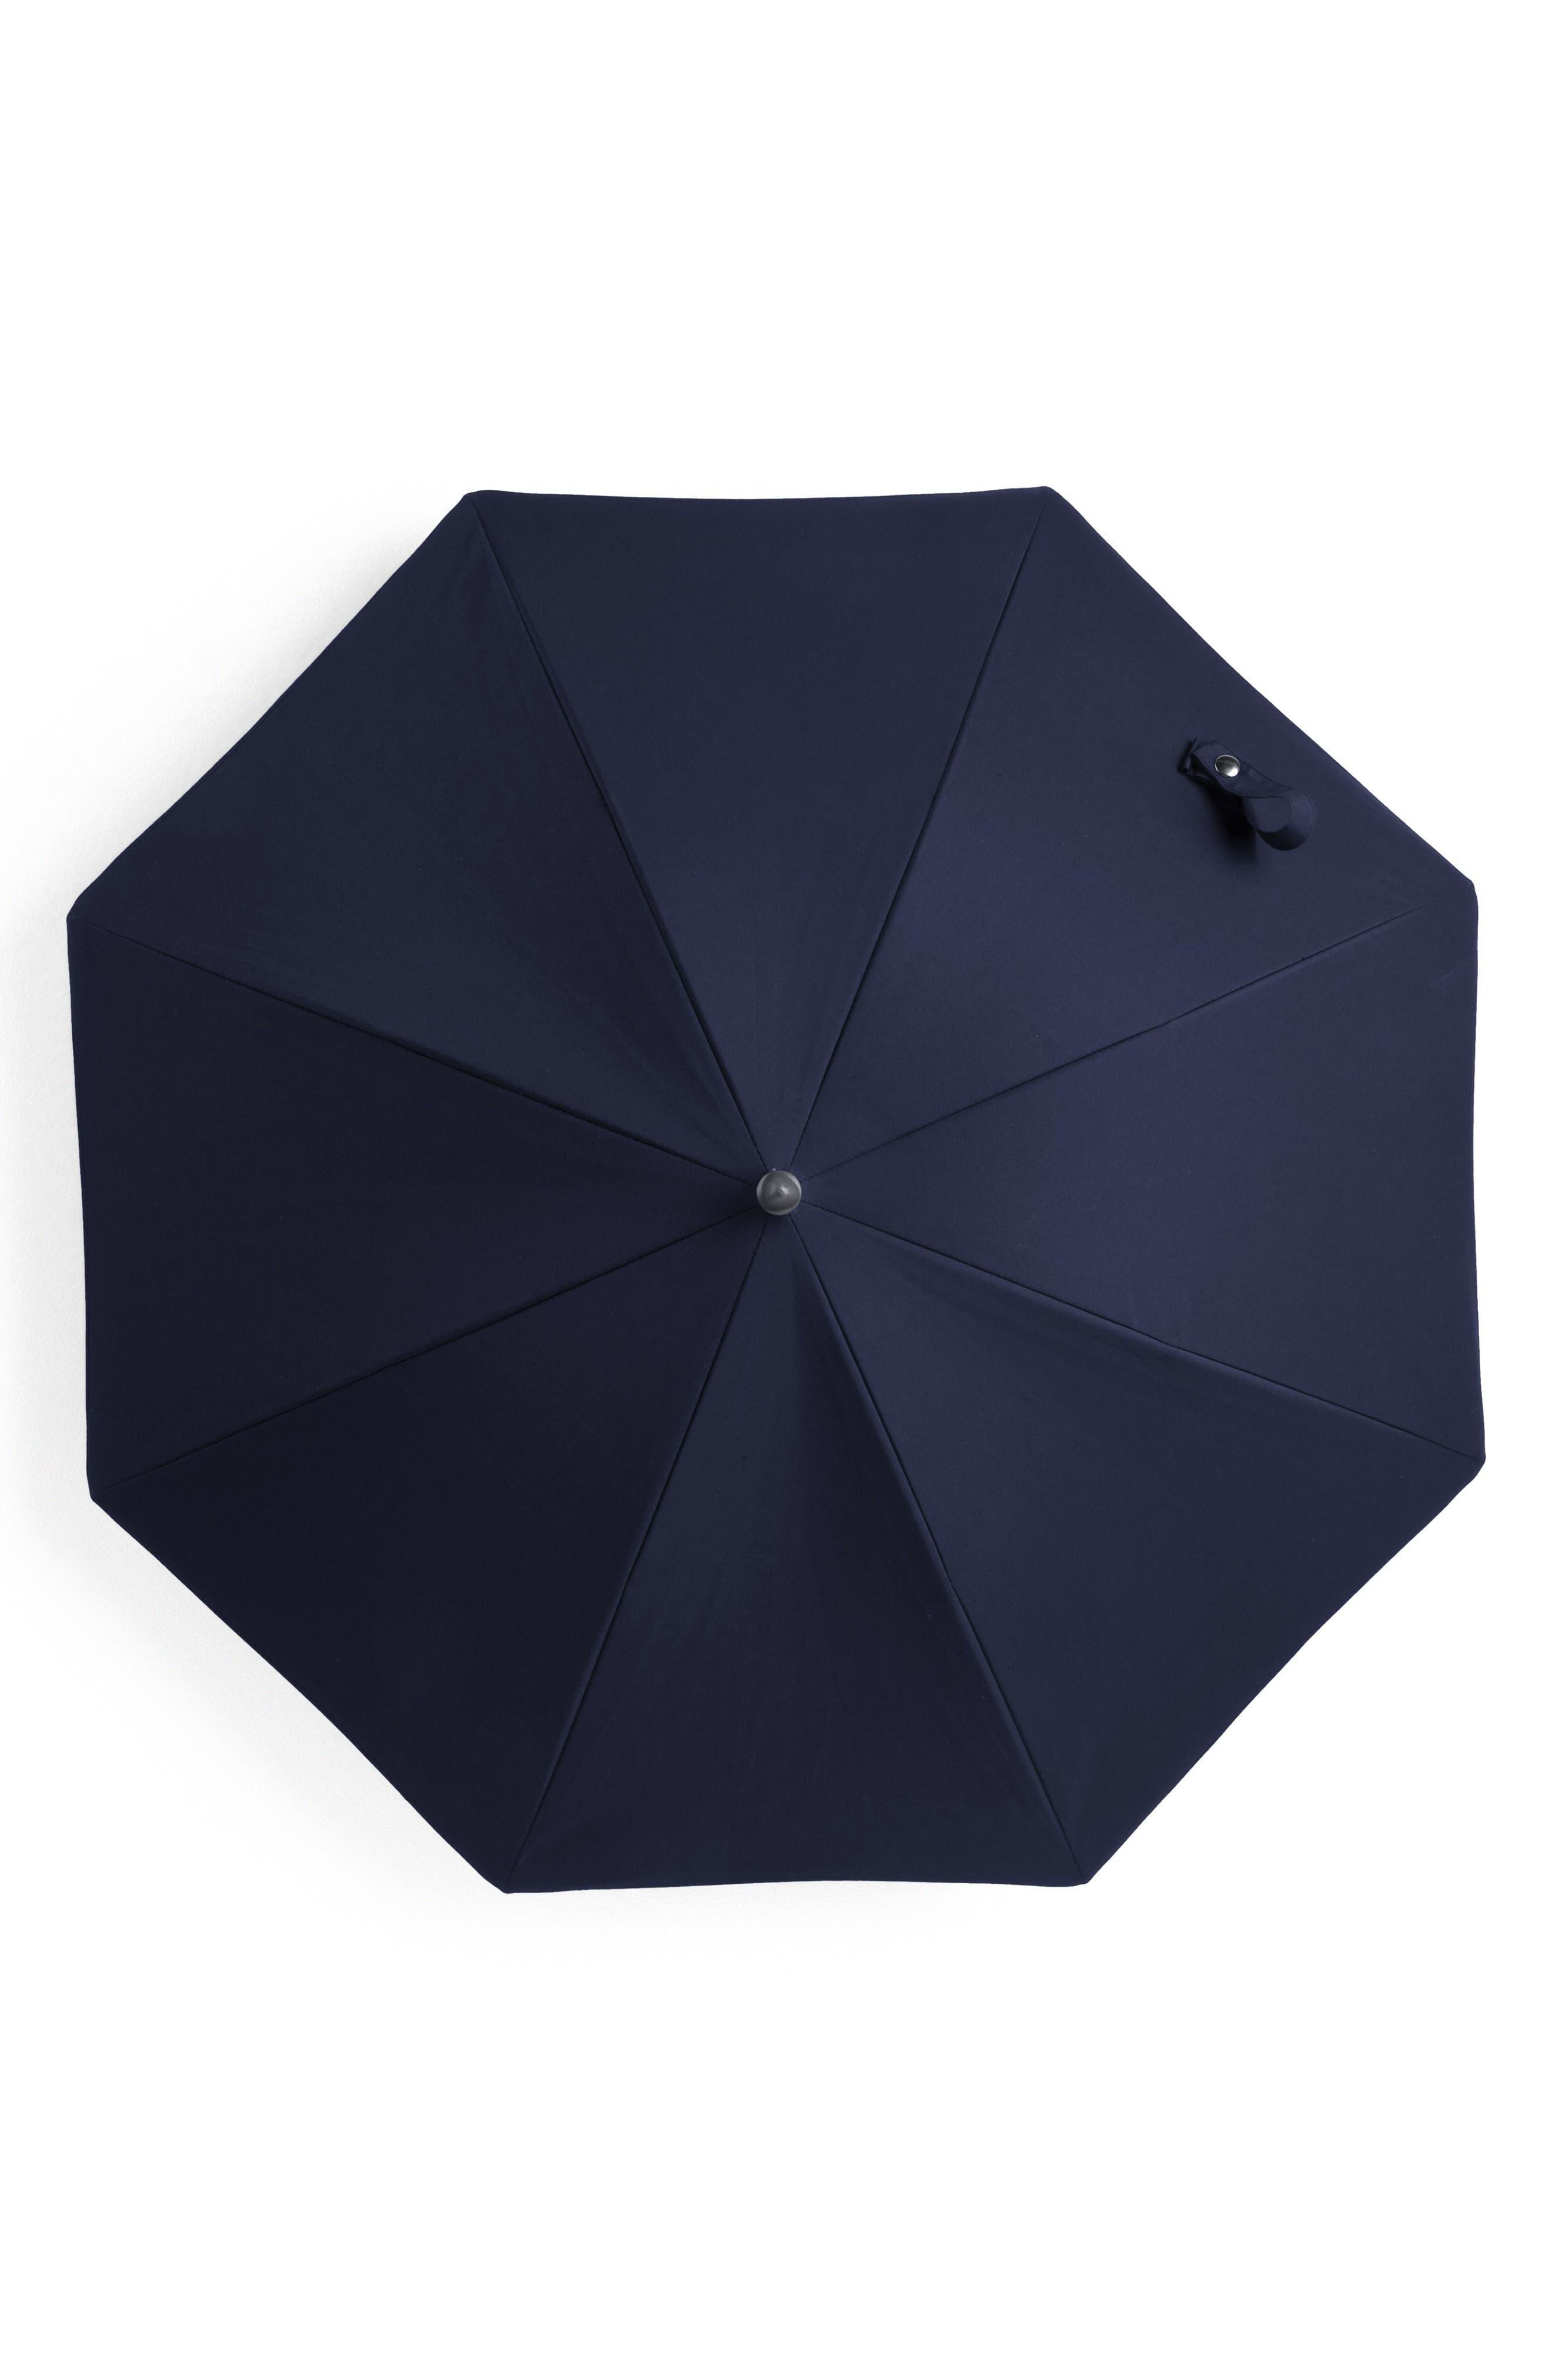 Xplory<sup>®</sup> Stroller Parasol,                             Main thumbnail 1, color,                             Deep Blue